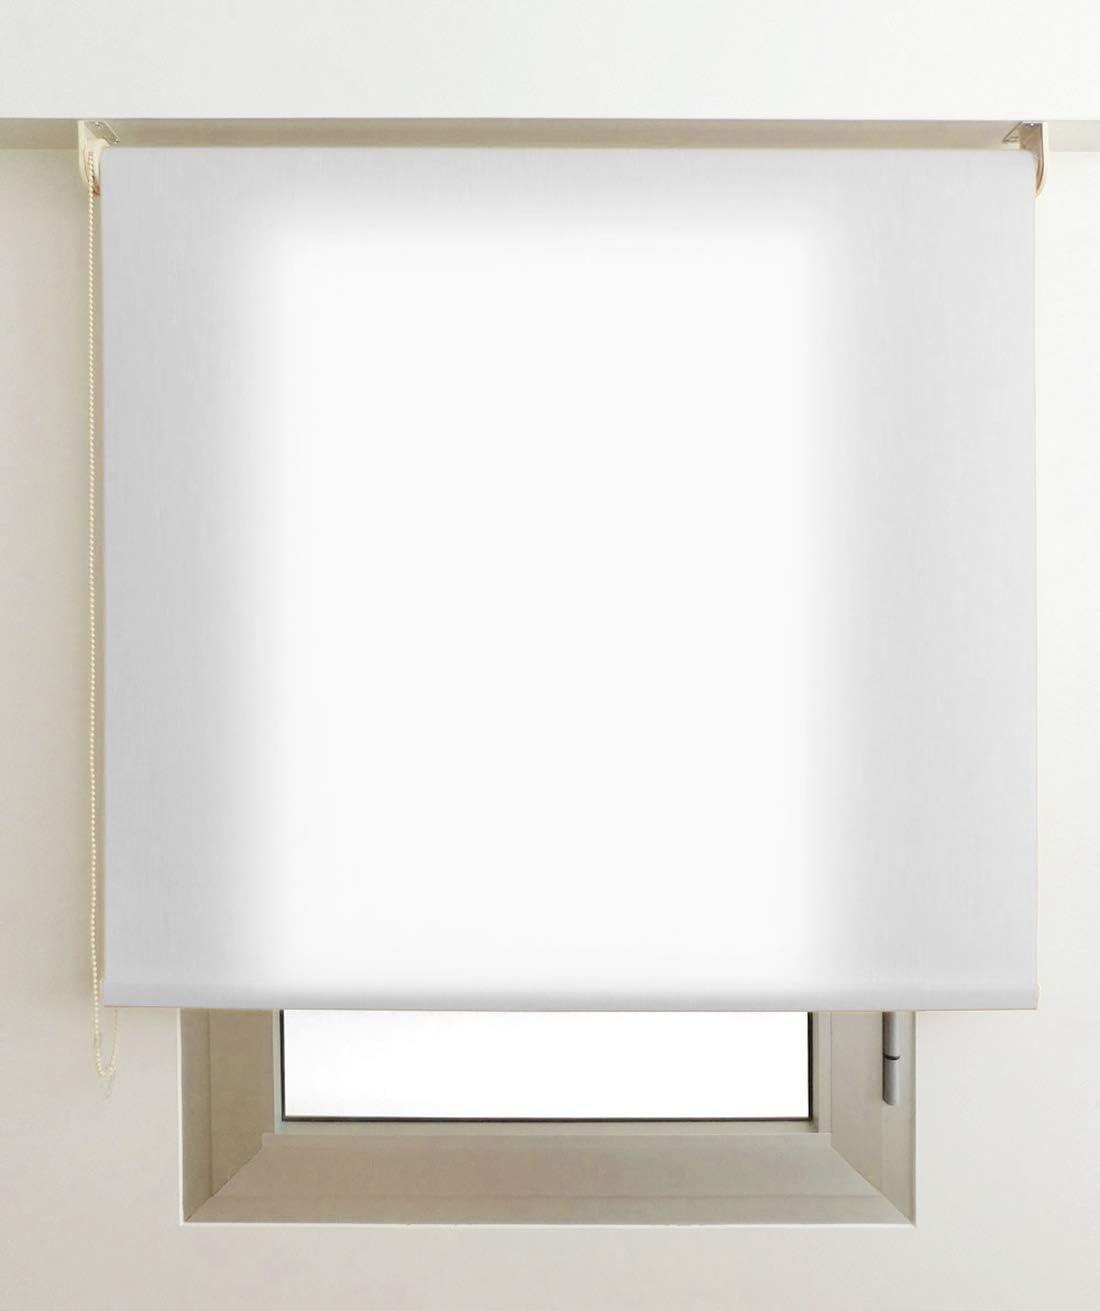 EB ESTORES BARATOS Estor Luminoso Elite (Desde 40 hasta 300cm de Ancho) Permite Paso de Mucha luz, no Permite Ver el Exterior/Interior. Color Blanco. Medida 150cm x 160cm para Ventanas y Puertas